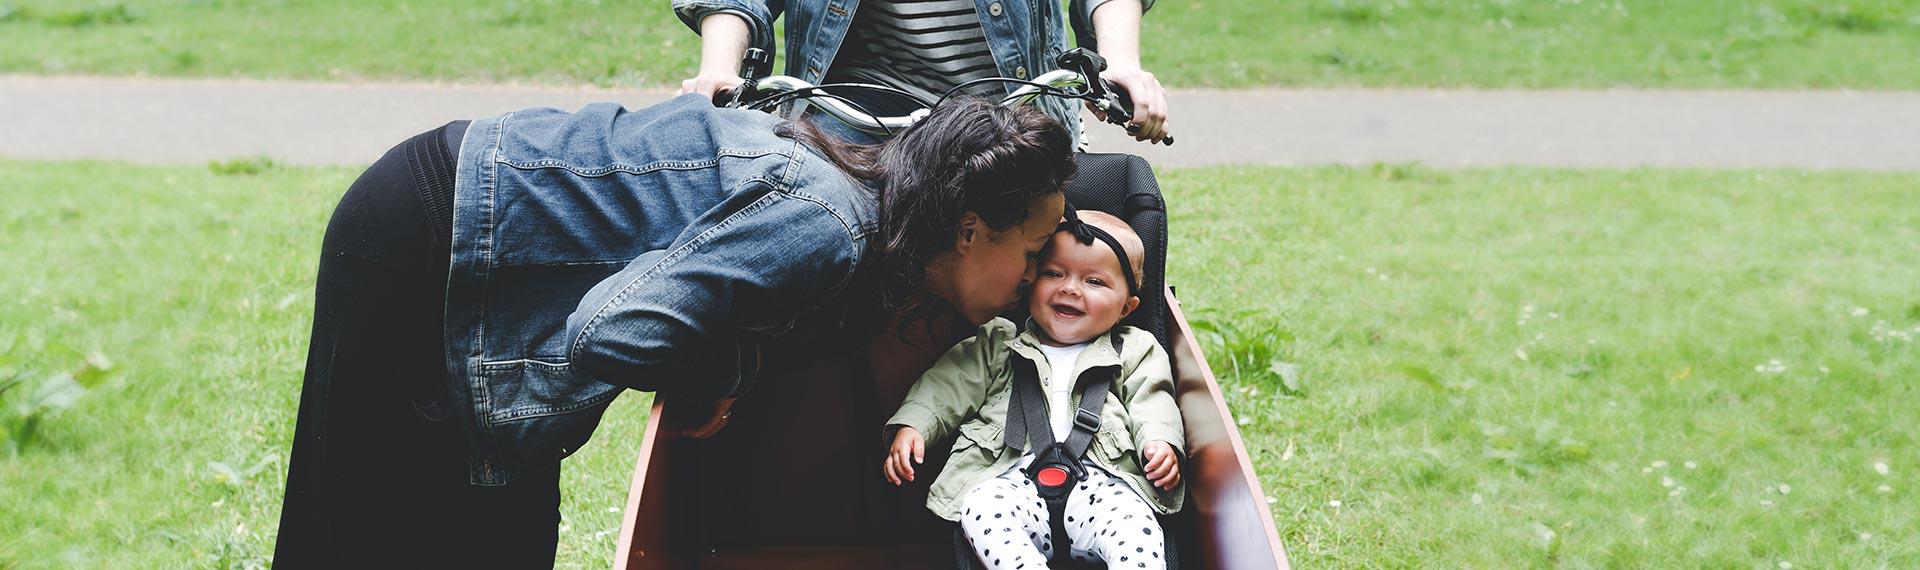 Sièges bébé et enfant